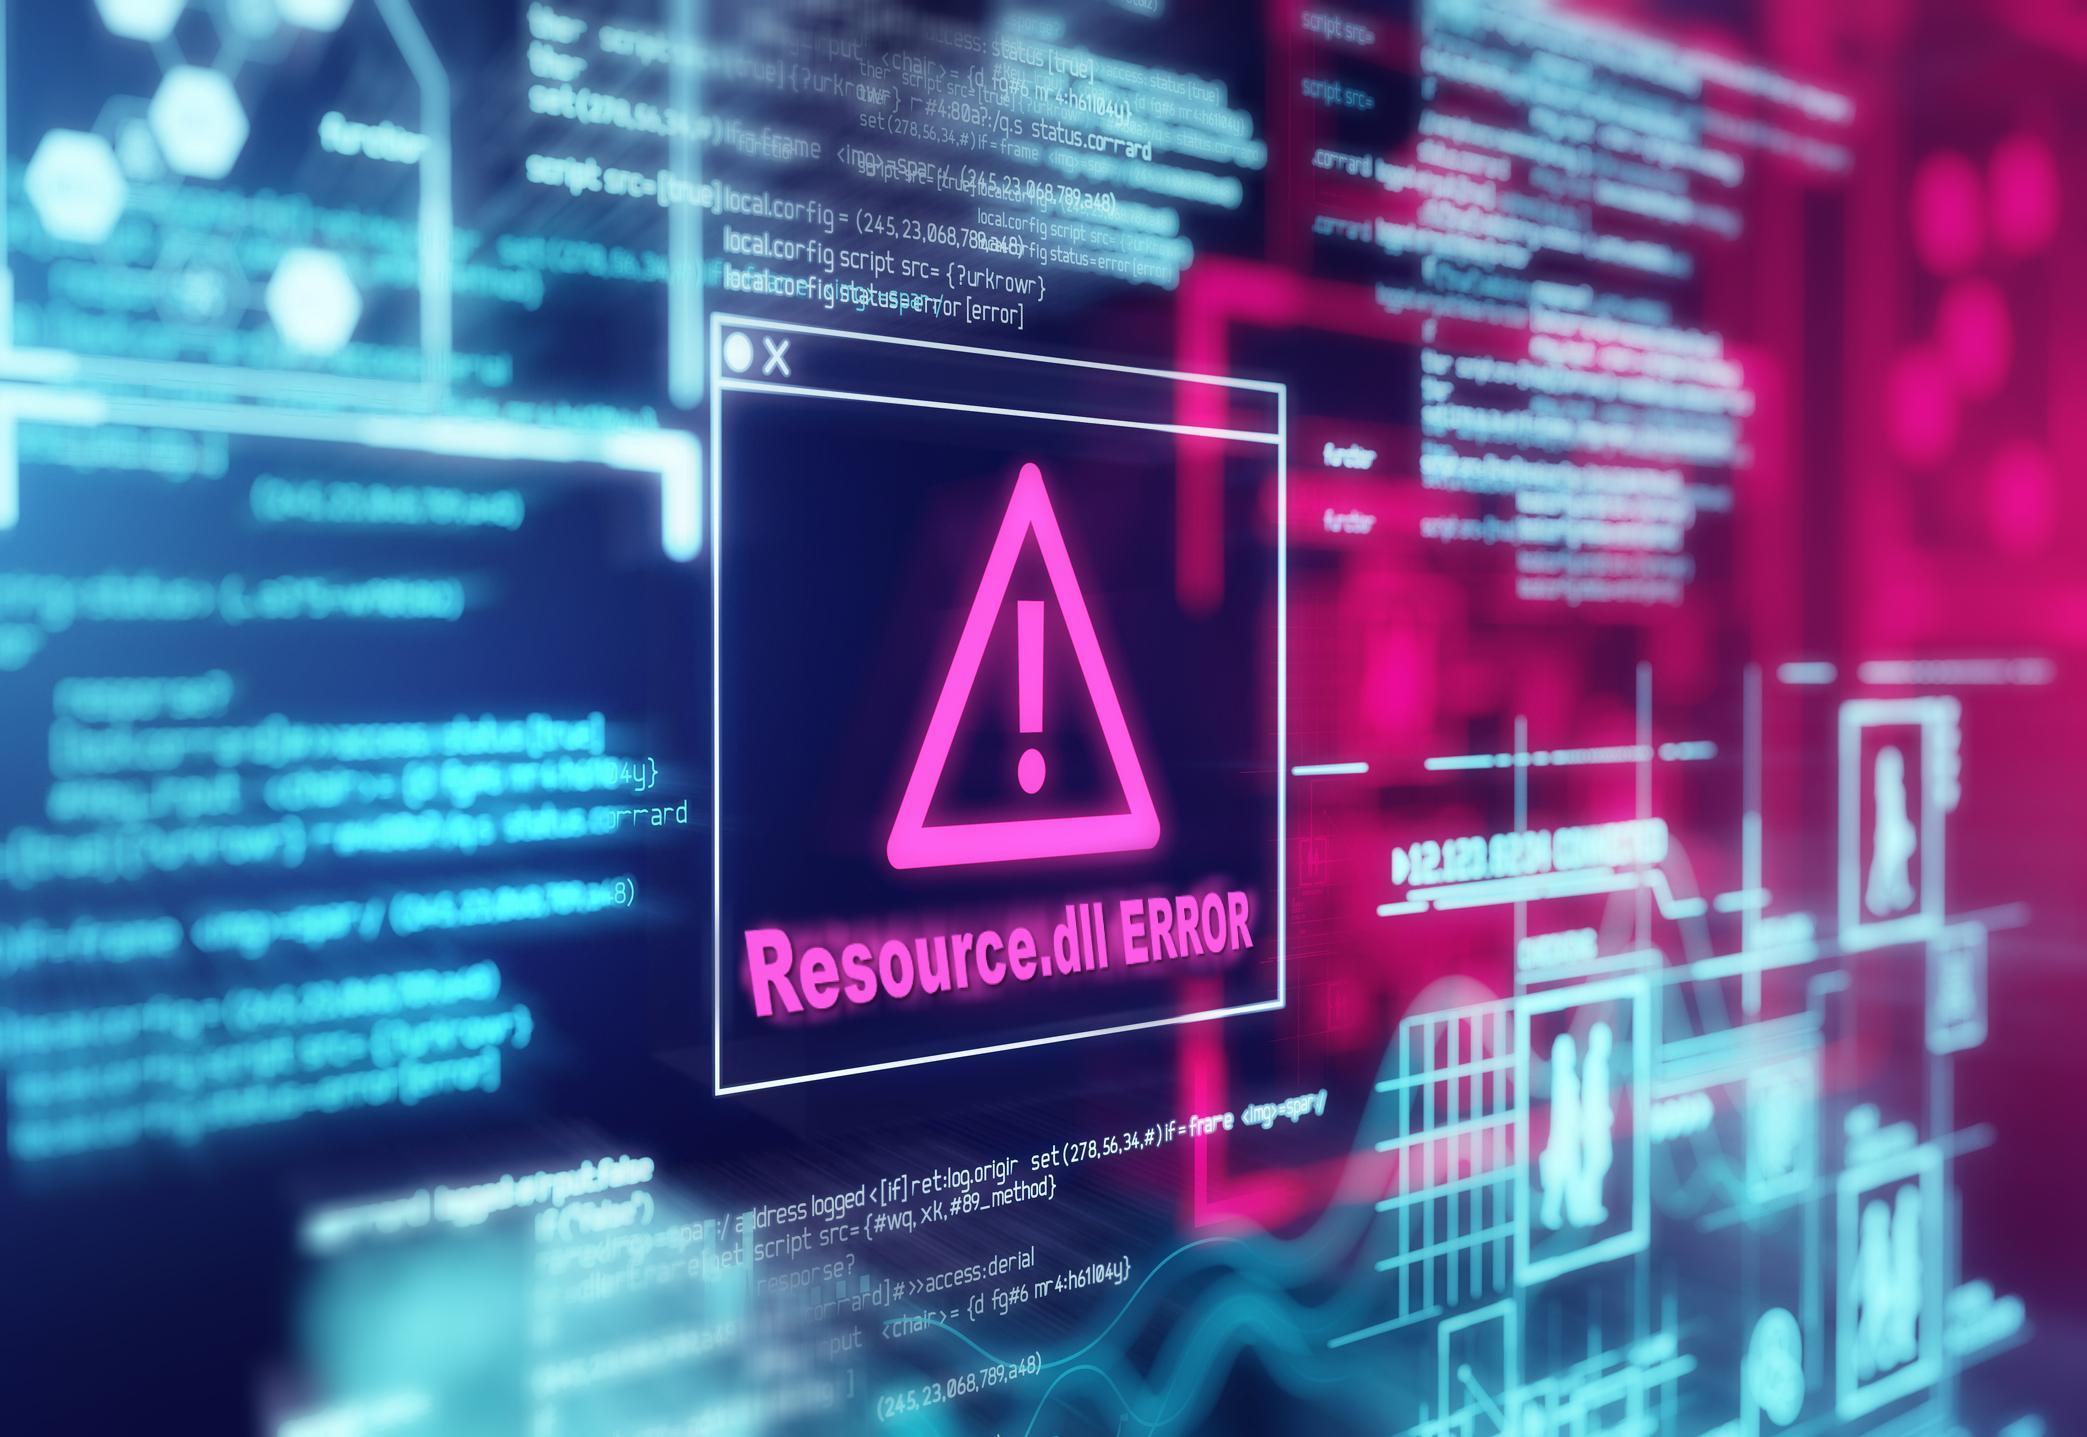 Исправляем ошибку файла resource.dll